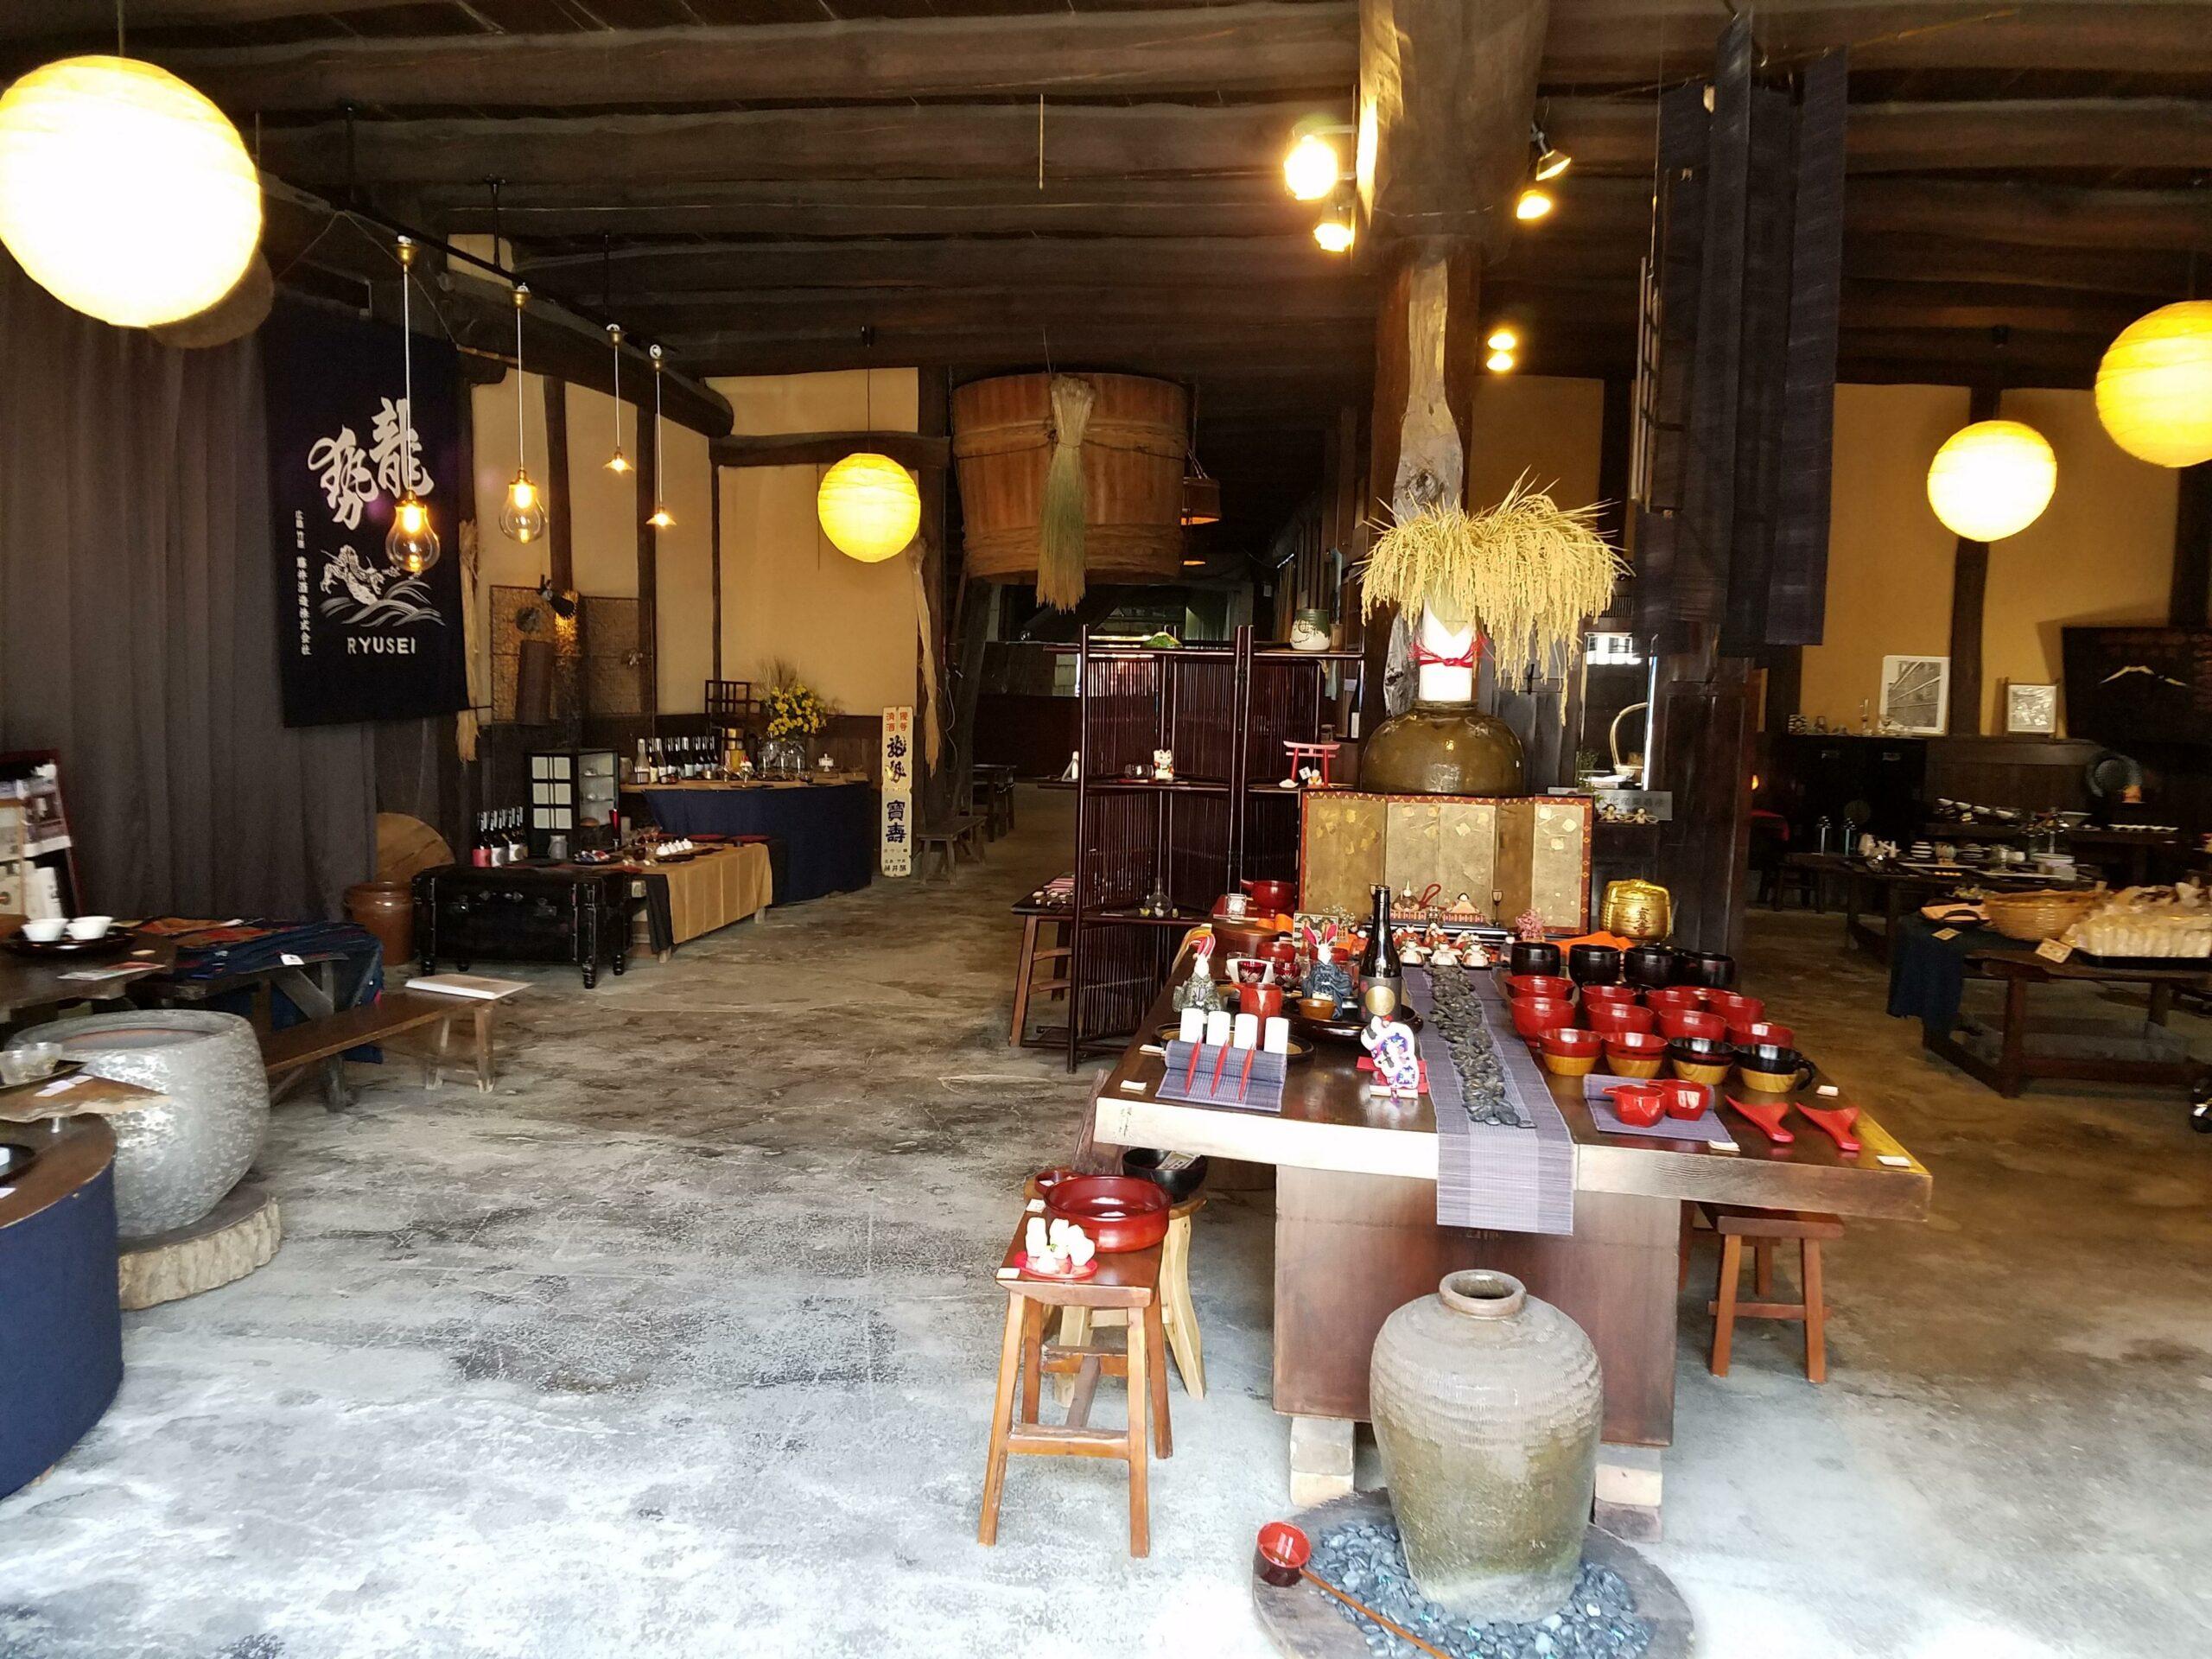 藤井酒造酒蔵交流館(竹原市)